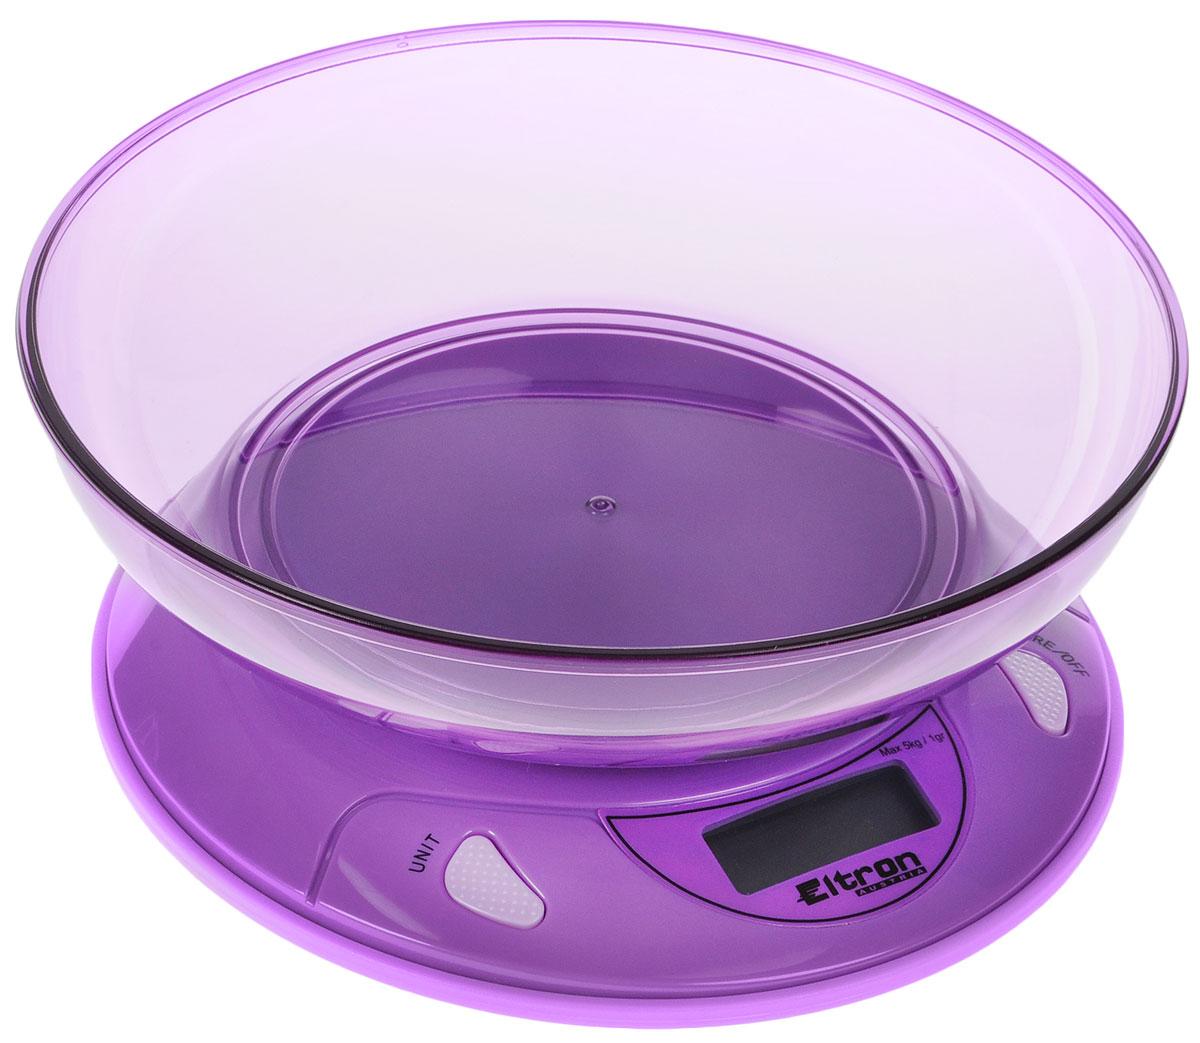 Весы кухонные Eltron, электронные, с чашей, цвет: фиолетовый, до 5 кг9259EL_фиолетовыйКухонные весы Eltron изготовлены из высококачественного пластика. Изделие оснащено акриловой панелью и съемной чашей. Весы имеют цифровой дисплей с функцией автоматического отключения. На корпусе расположены кнопки управления: кнопка включения/отключения/обнуления веса и кнопка переключения единицы измерения - On/Tare/Off и Unit. Панель весов имеет силиконовые ножки, что предотвратит скольжение прибора по поверхности.Кухонные весы Eltron пригодятся на любой кухне и станут прекрасным дополнением к набору вашей мелкой бытовой техники. Используя их, вы сможете готовить блюда, точно следуя предложенной рецептуре, что немаловажно при приготовлении сложных блюд, соусов и выпечки.Оригинальные, с ярким дизайном, такие весы украсят любую кухню и принесут радость каждой хозяйке. Нагрузка: 1 - 5000 г.Питание: ААА х 2 (входят в комплект).Размер весов: 19,5 х 19,5 х 4 см.Размер чаши: 21,5 х 21,5 х 4,5 см.Единицы измерения: граммы, фунты, унции.